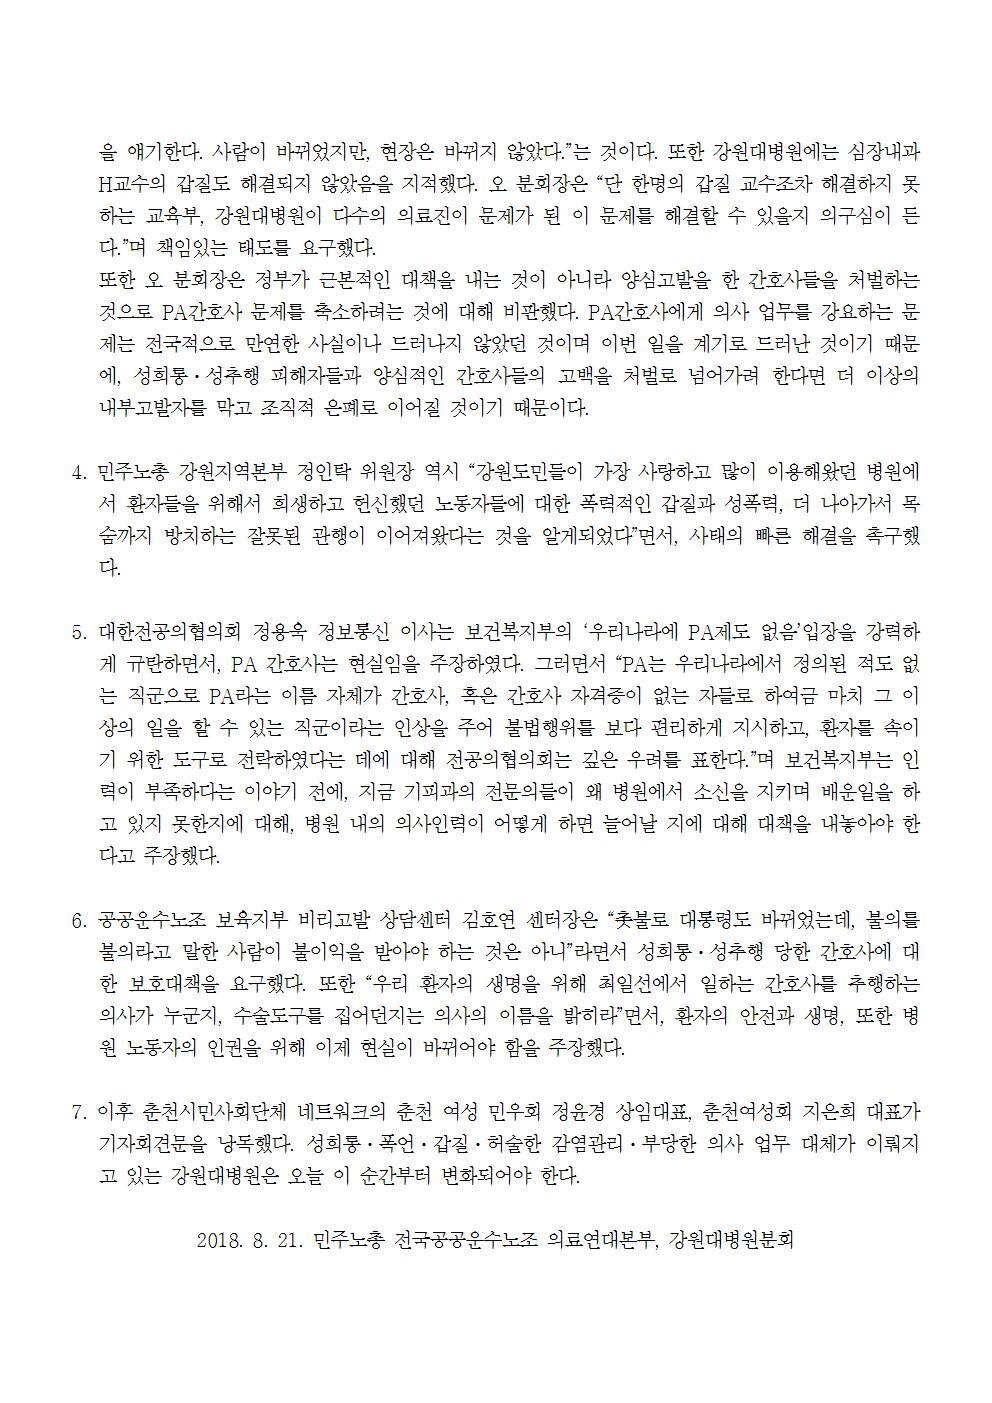 180821_[보도자료] 강원대병원사태의 올바른해결을 위한 기자회견(완)002.jpg